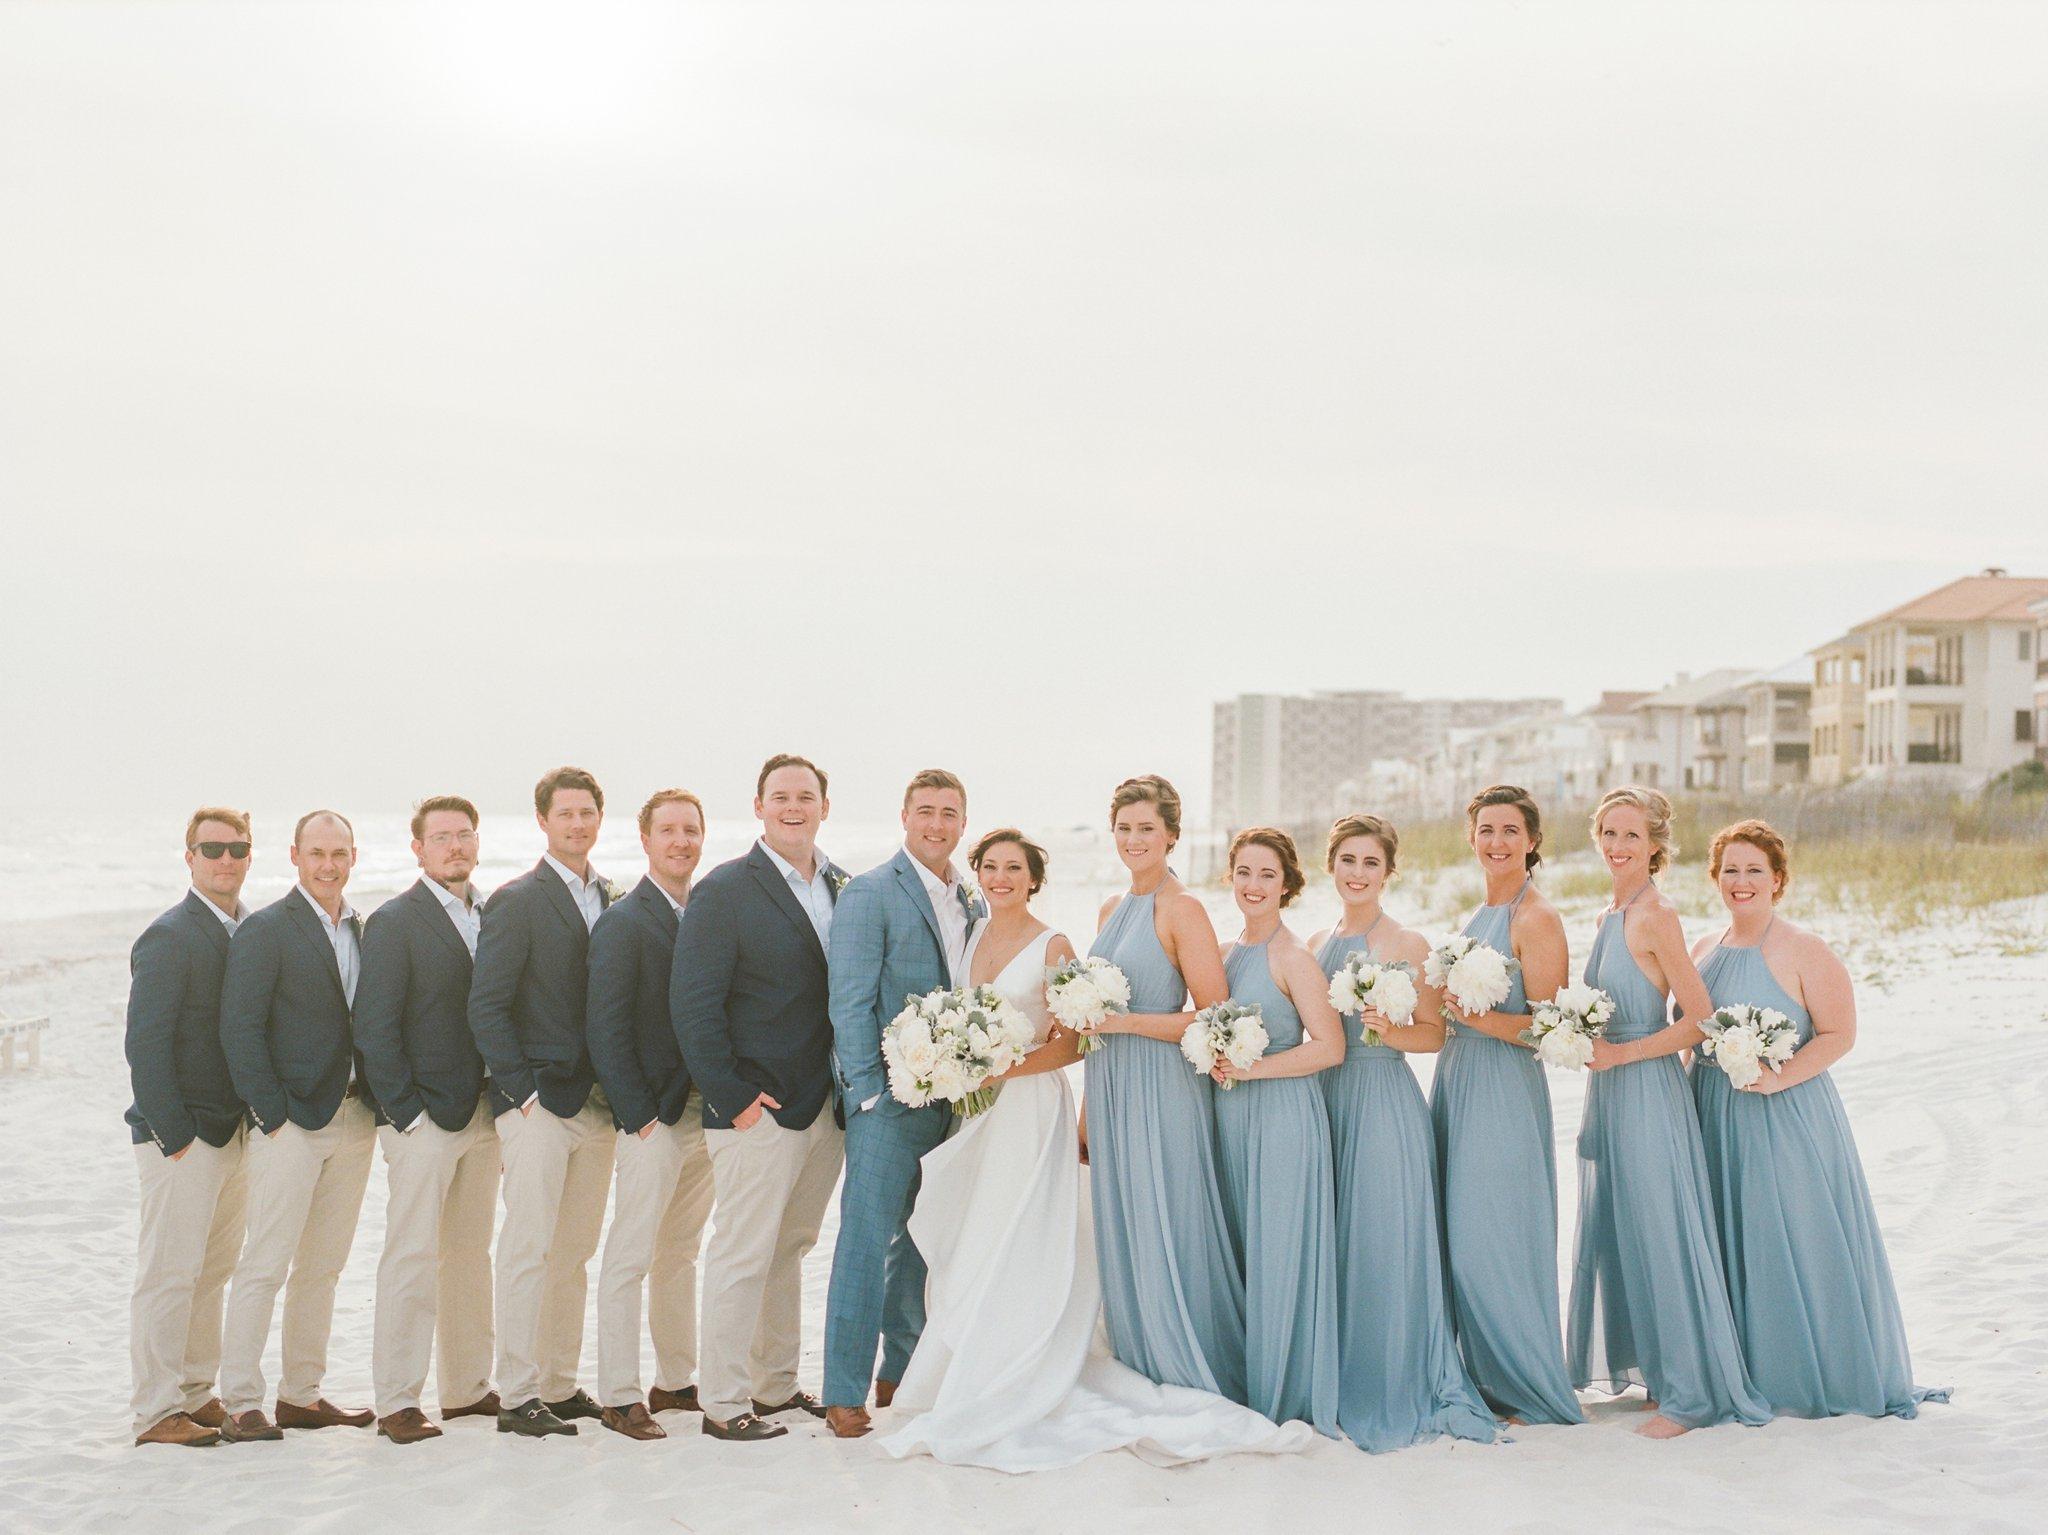 carillon beach wedding photographer shannon griffin photographer_0018.jpg